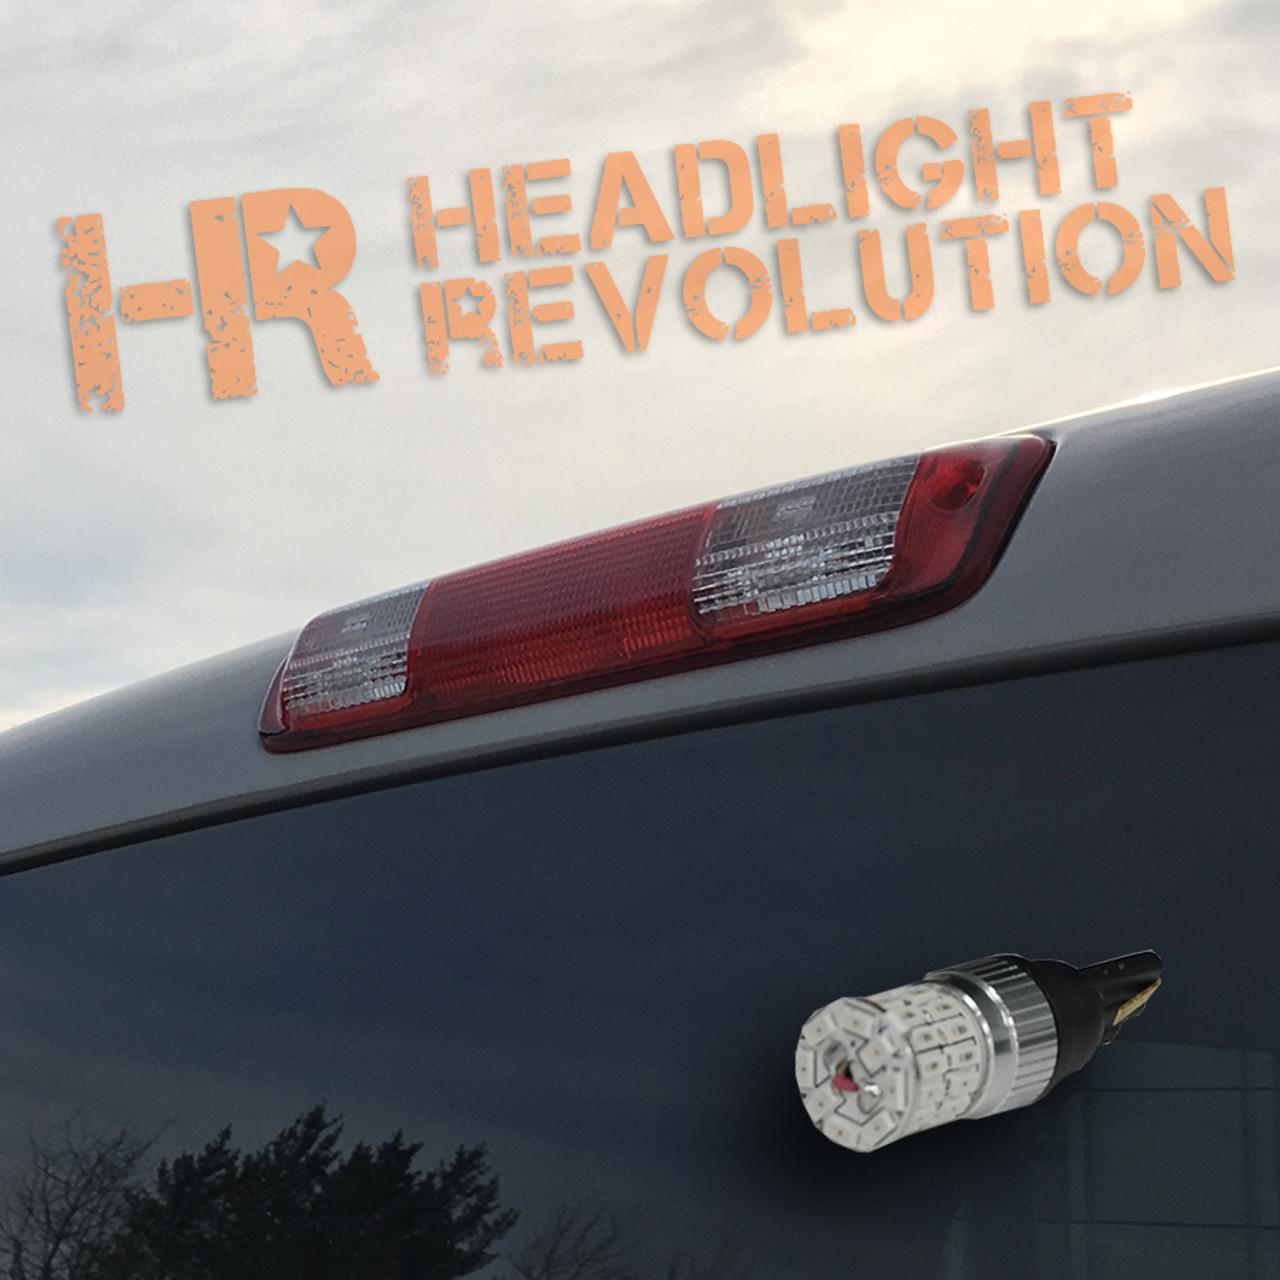 1999 2006 Gmc Sierra Led 3rd Brake Light Bulb Upgrade Headlight Revolution